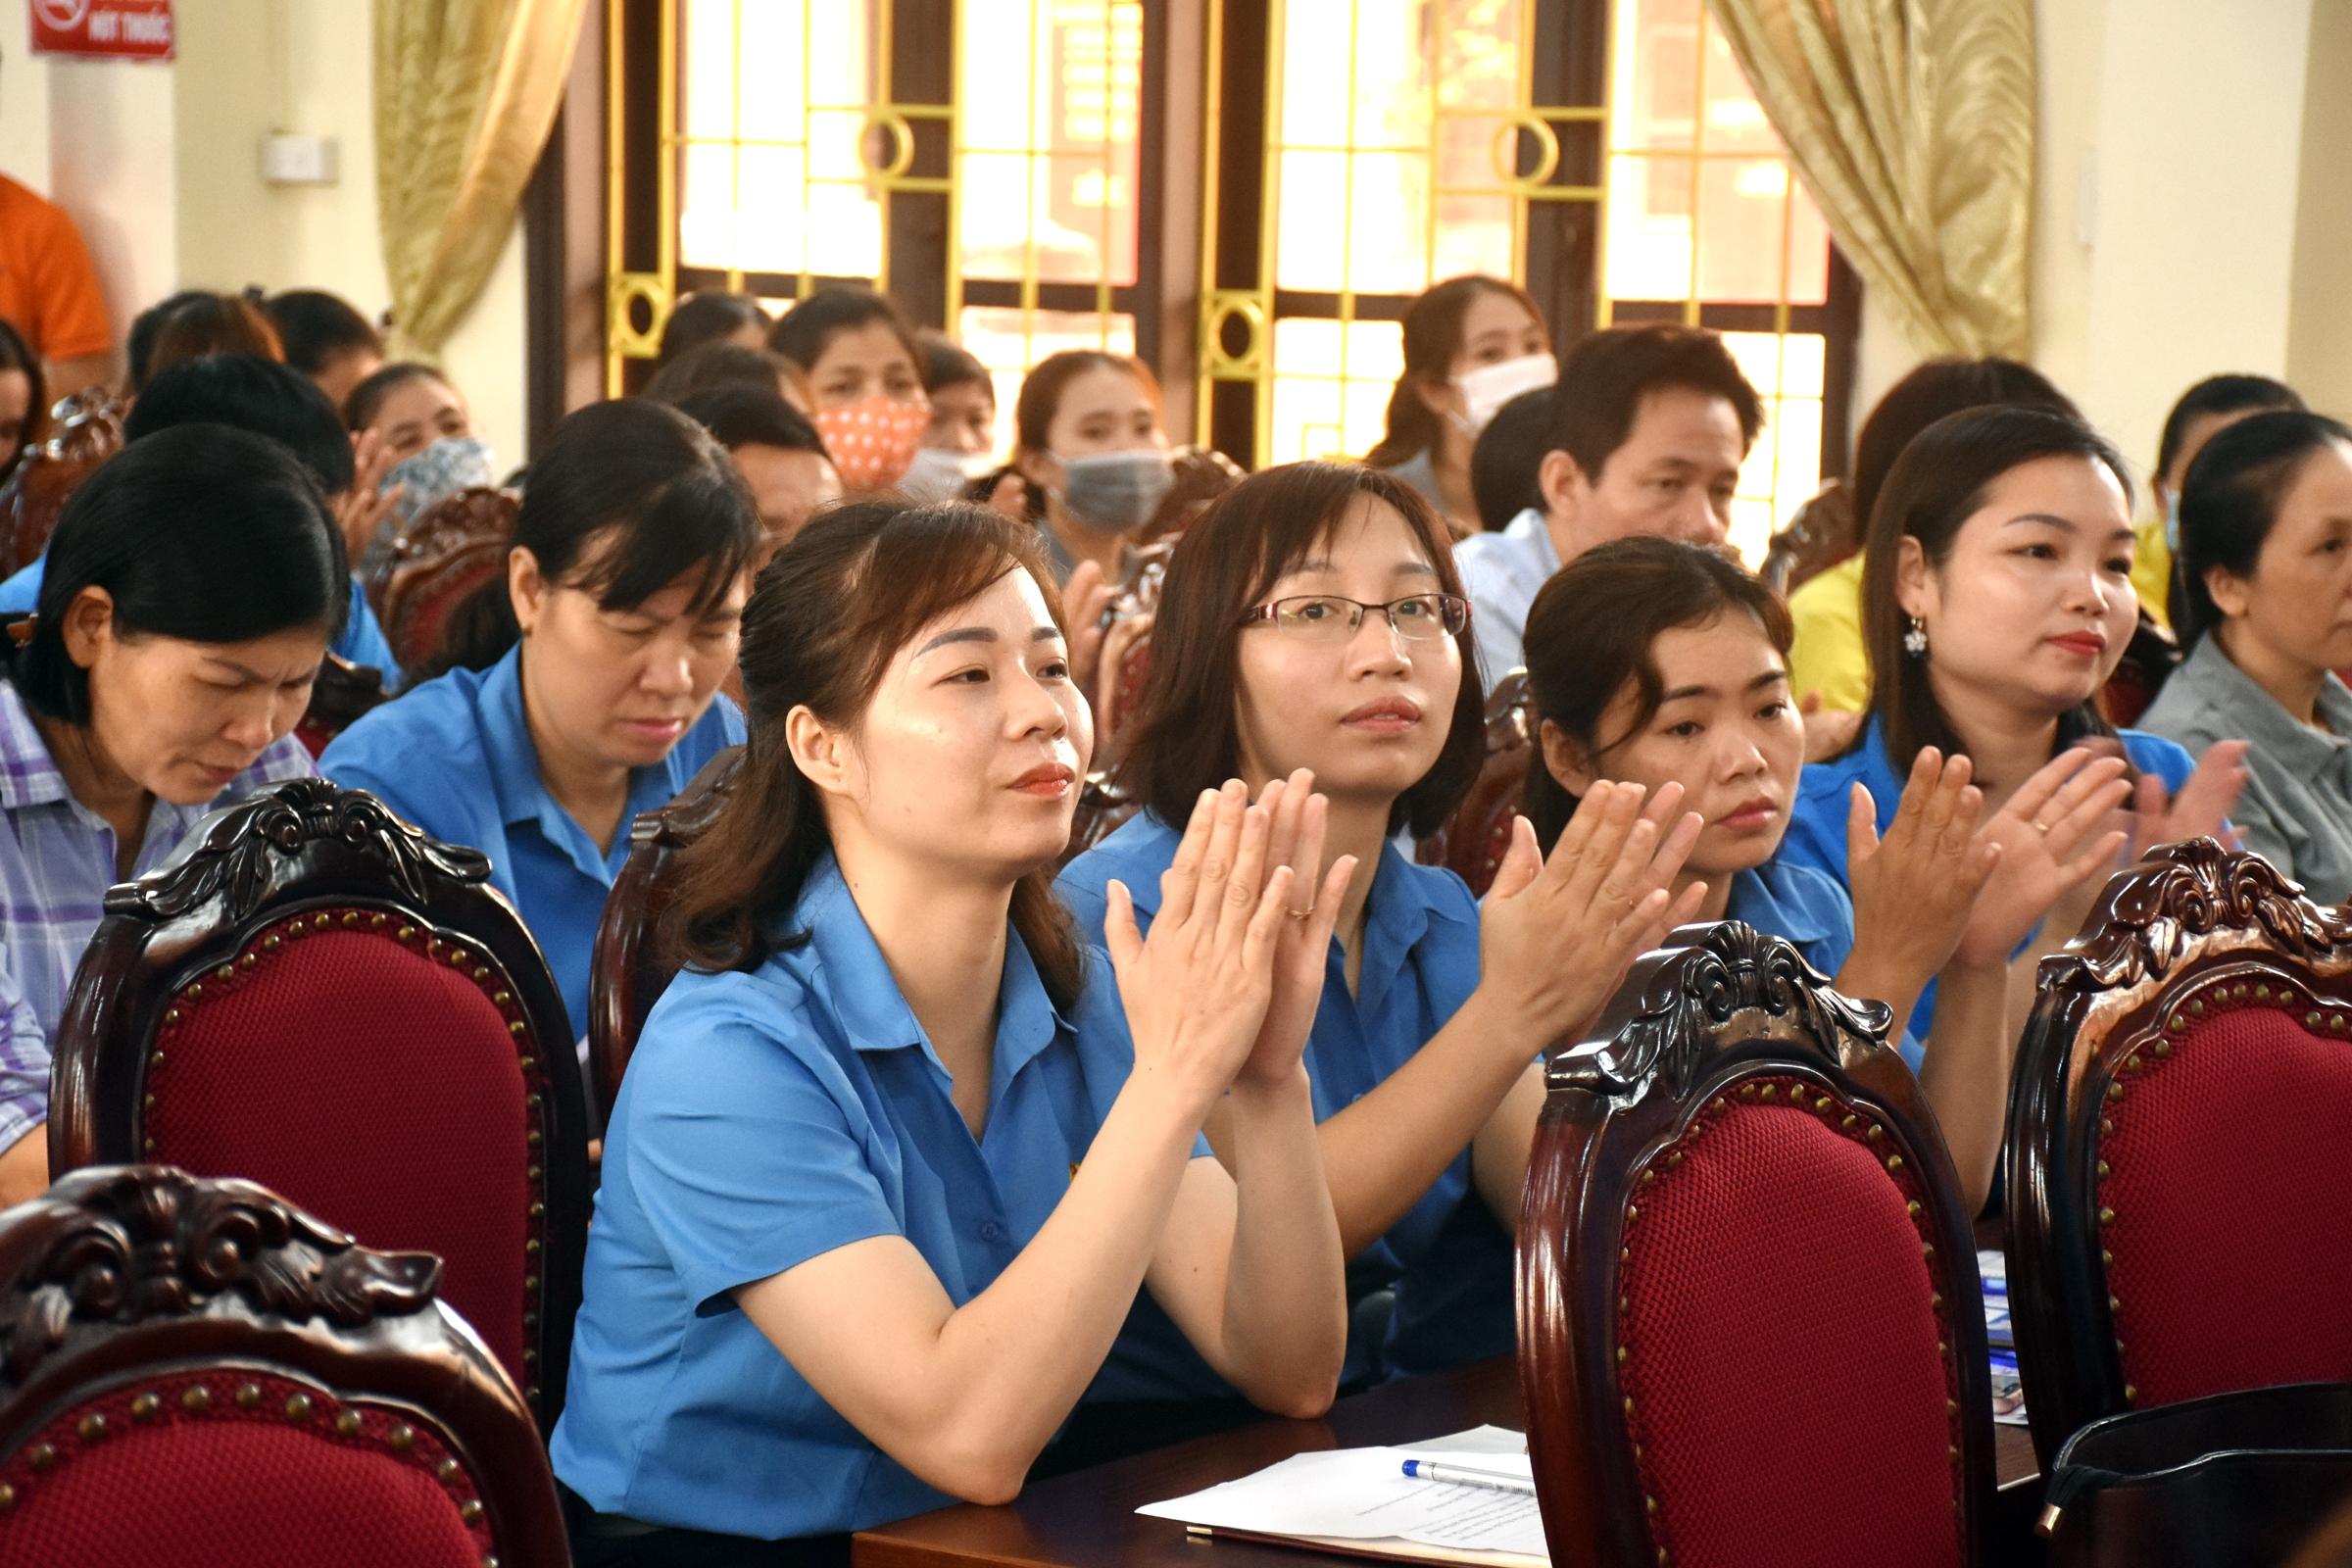 Đang giao lưu trực tuyến: Những điểm mới trong Bộ luật Lao động liên quan đến công nhân, viên chức, lao động